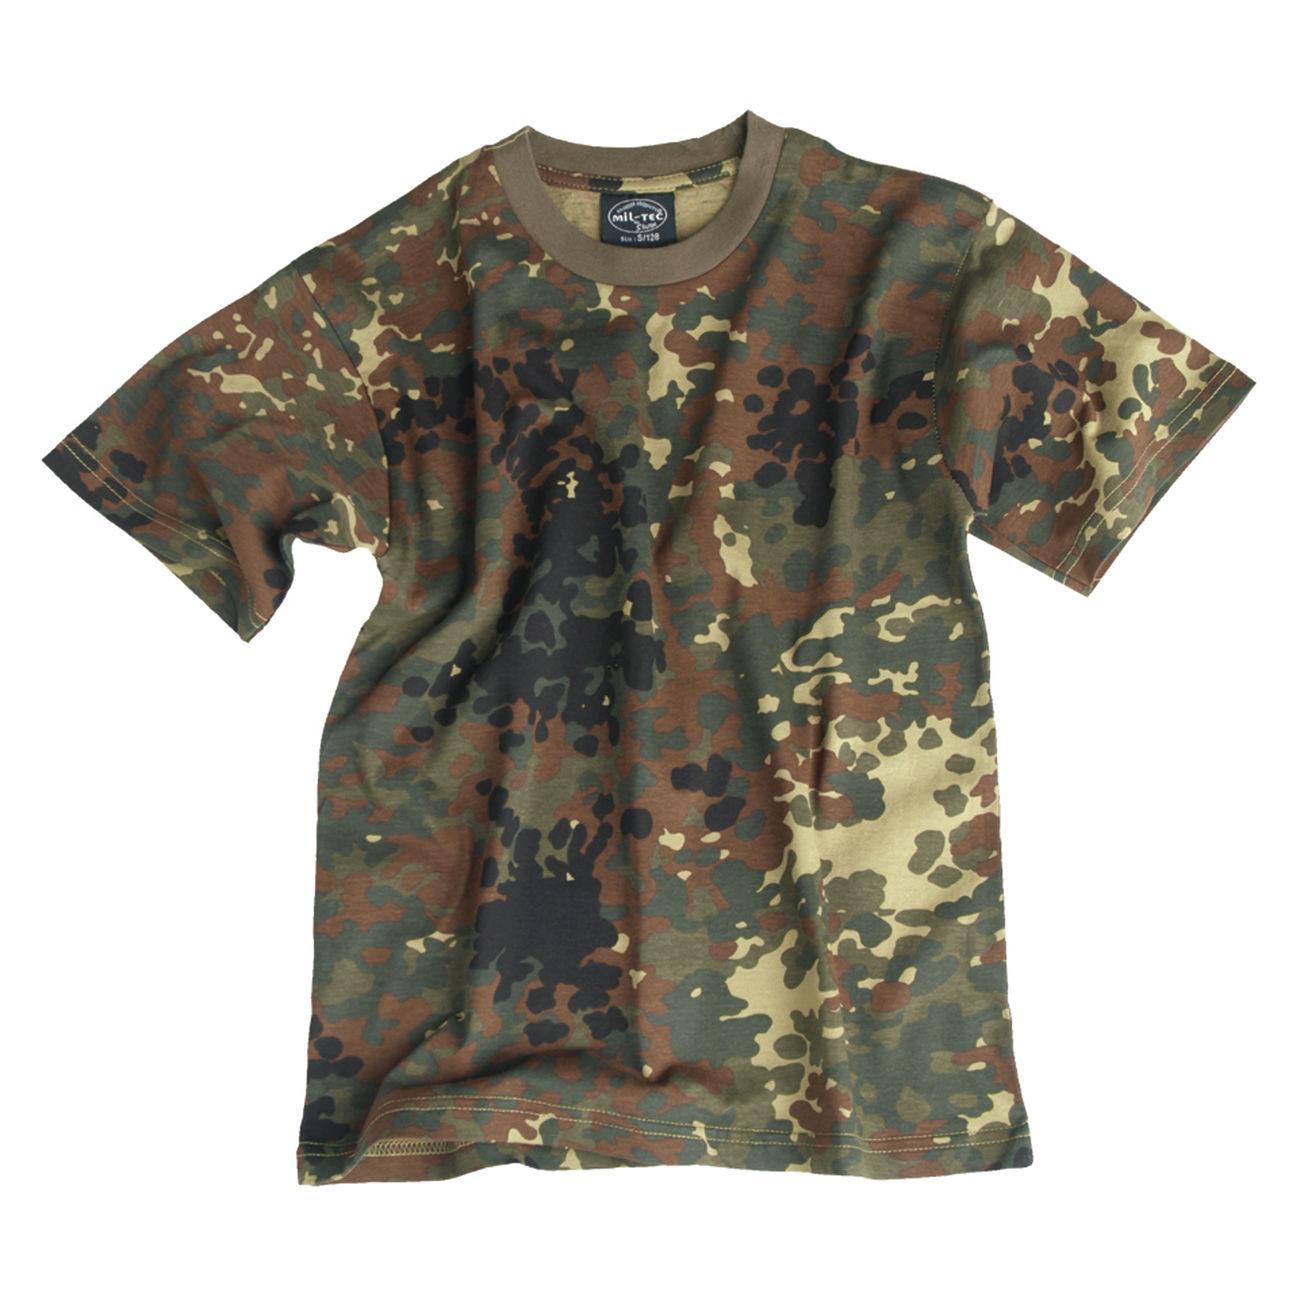 f8b59ec1b2 Kinder T-Shirt Tarnfarbe flecktarn günstig kaufen - Kotte & Zeller